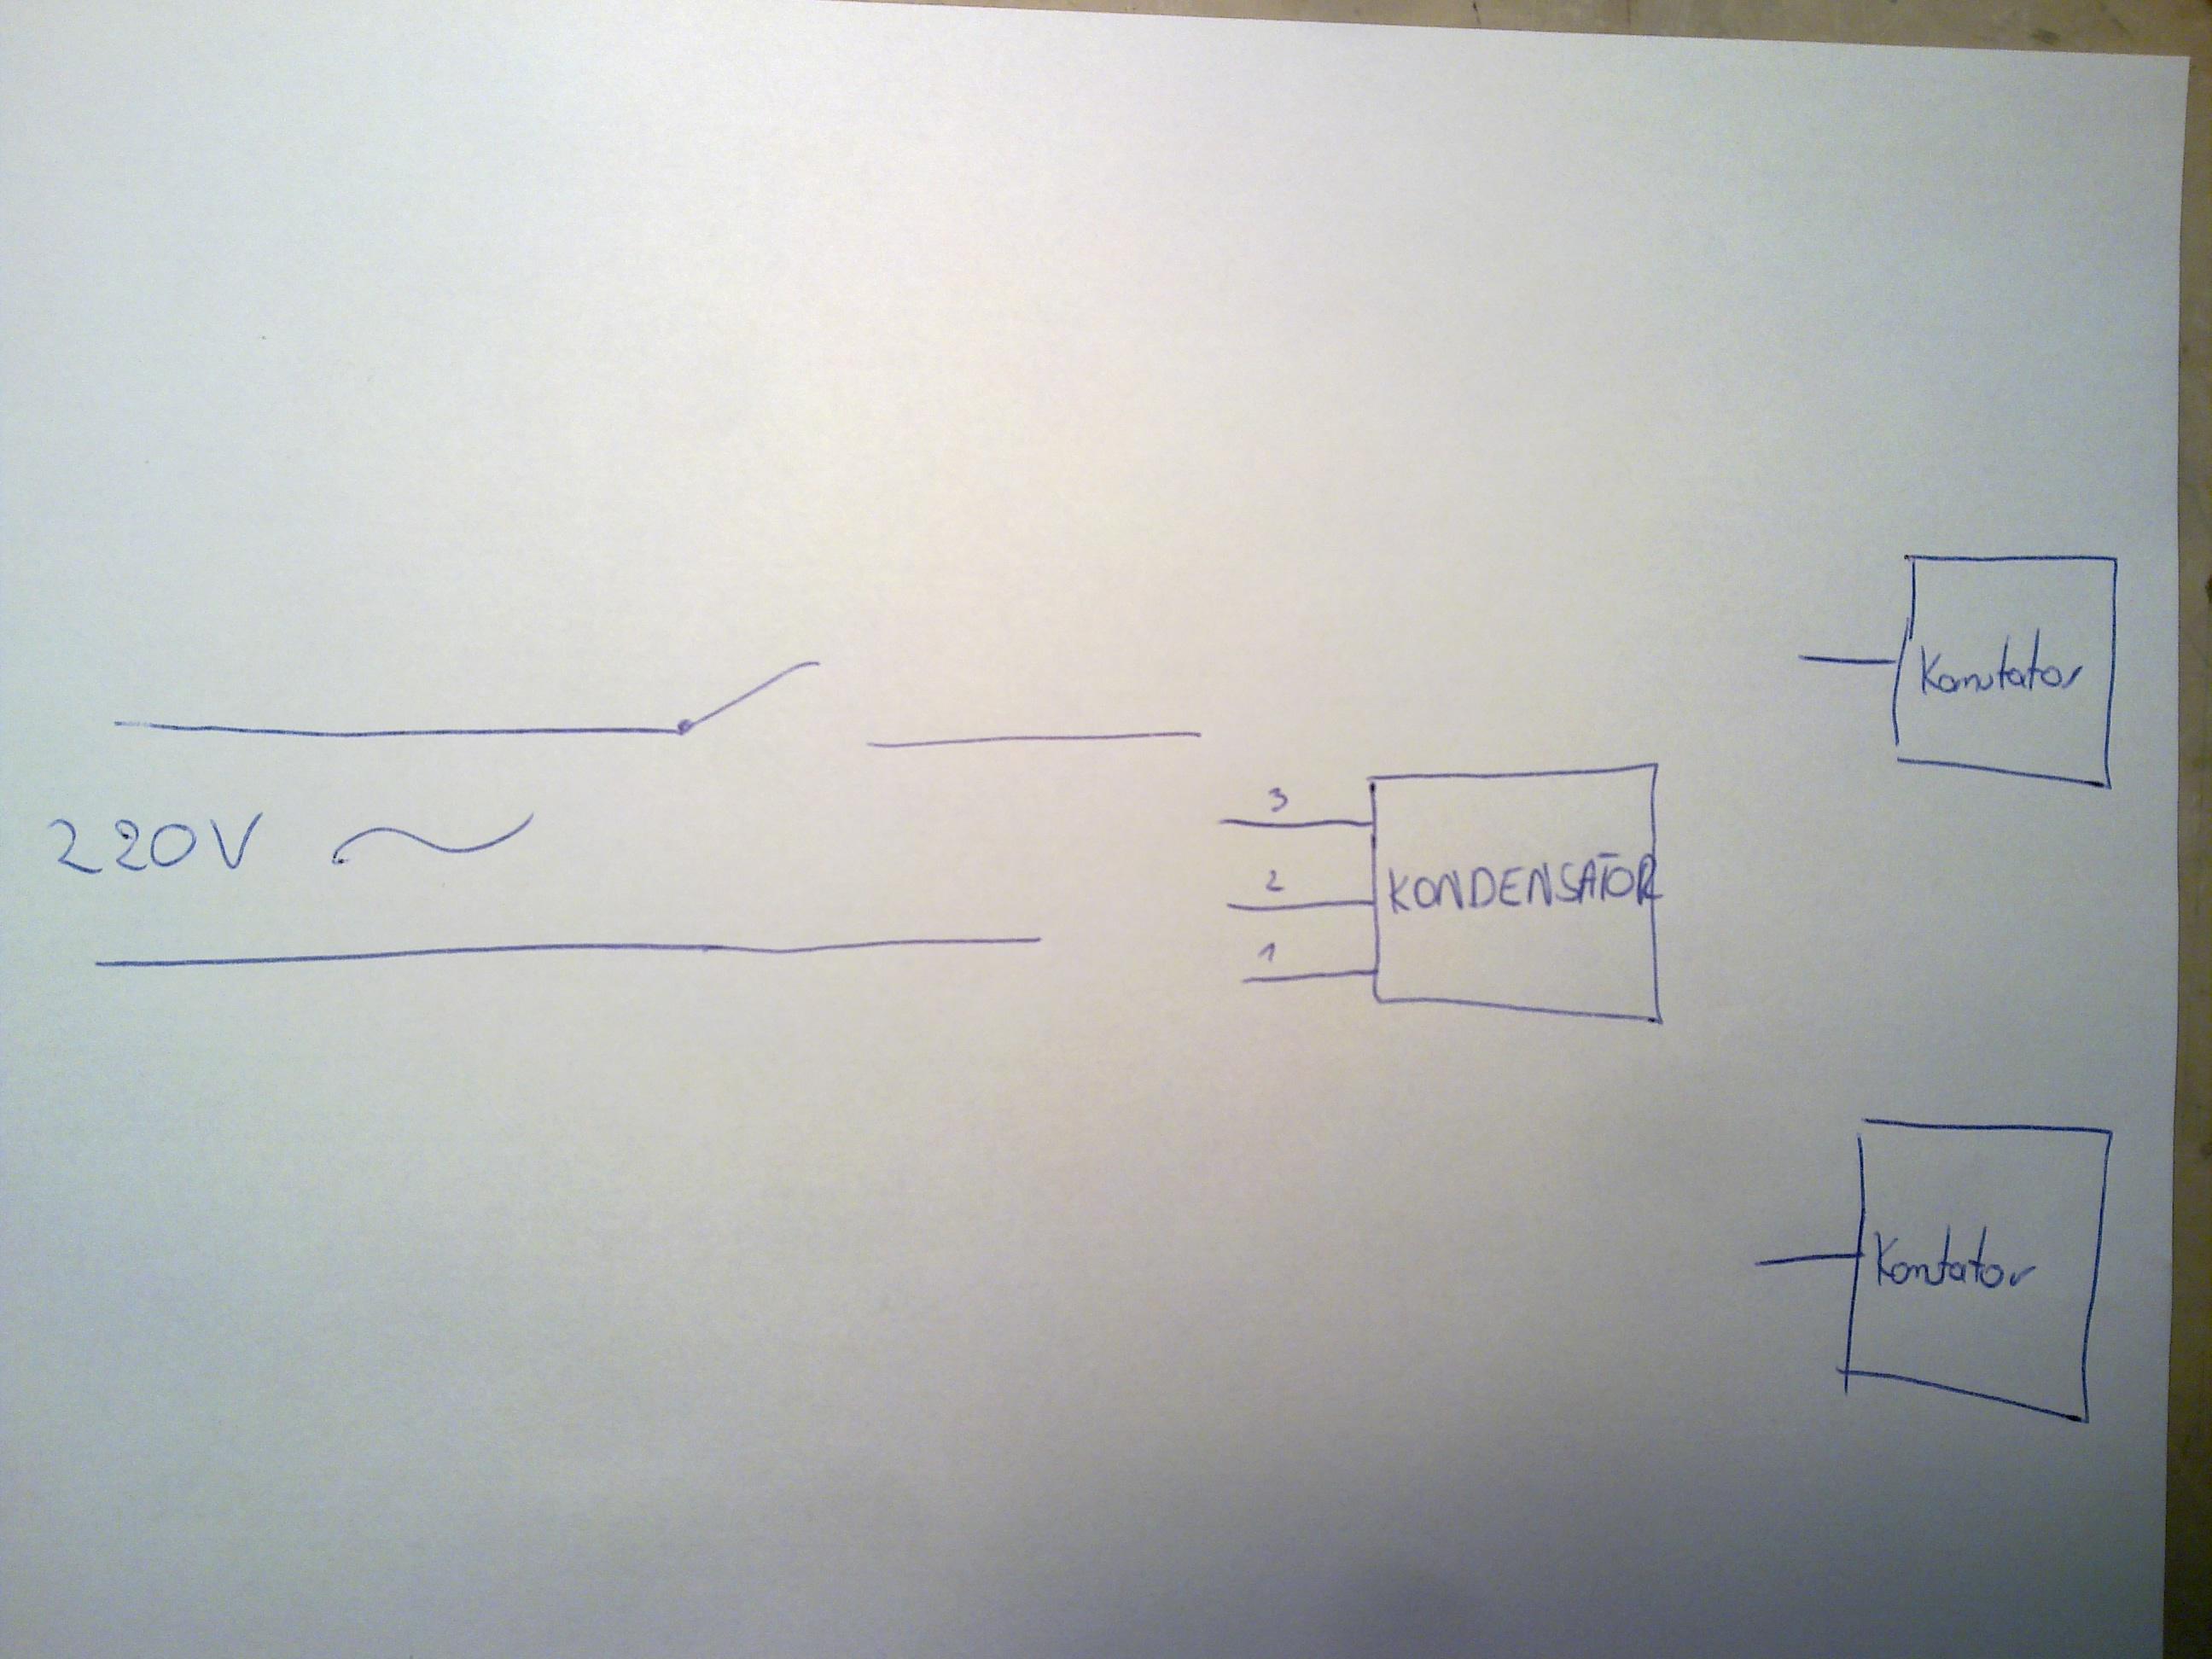 Szlifierka k�towa.  Jak pod��czy� kondensator z 3 wyj�ciami